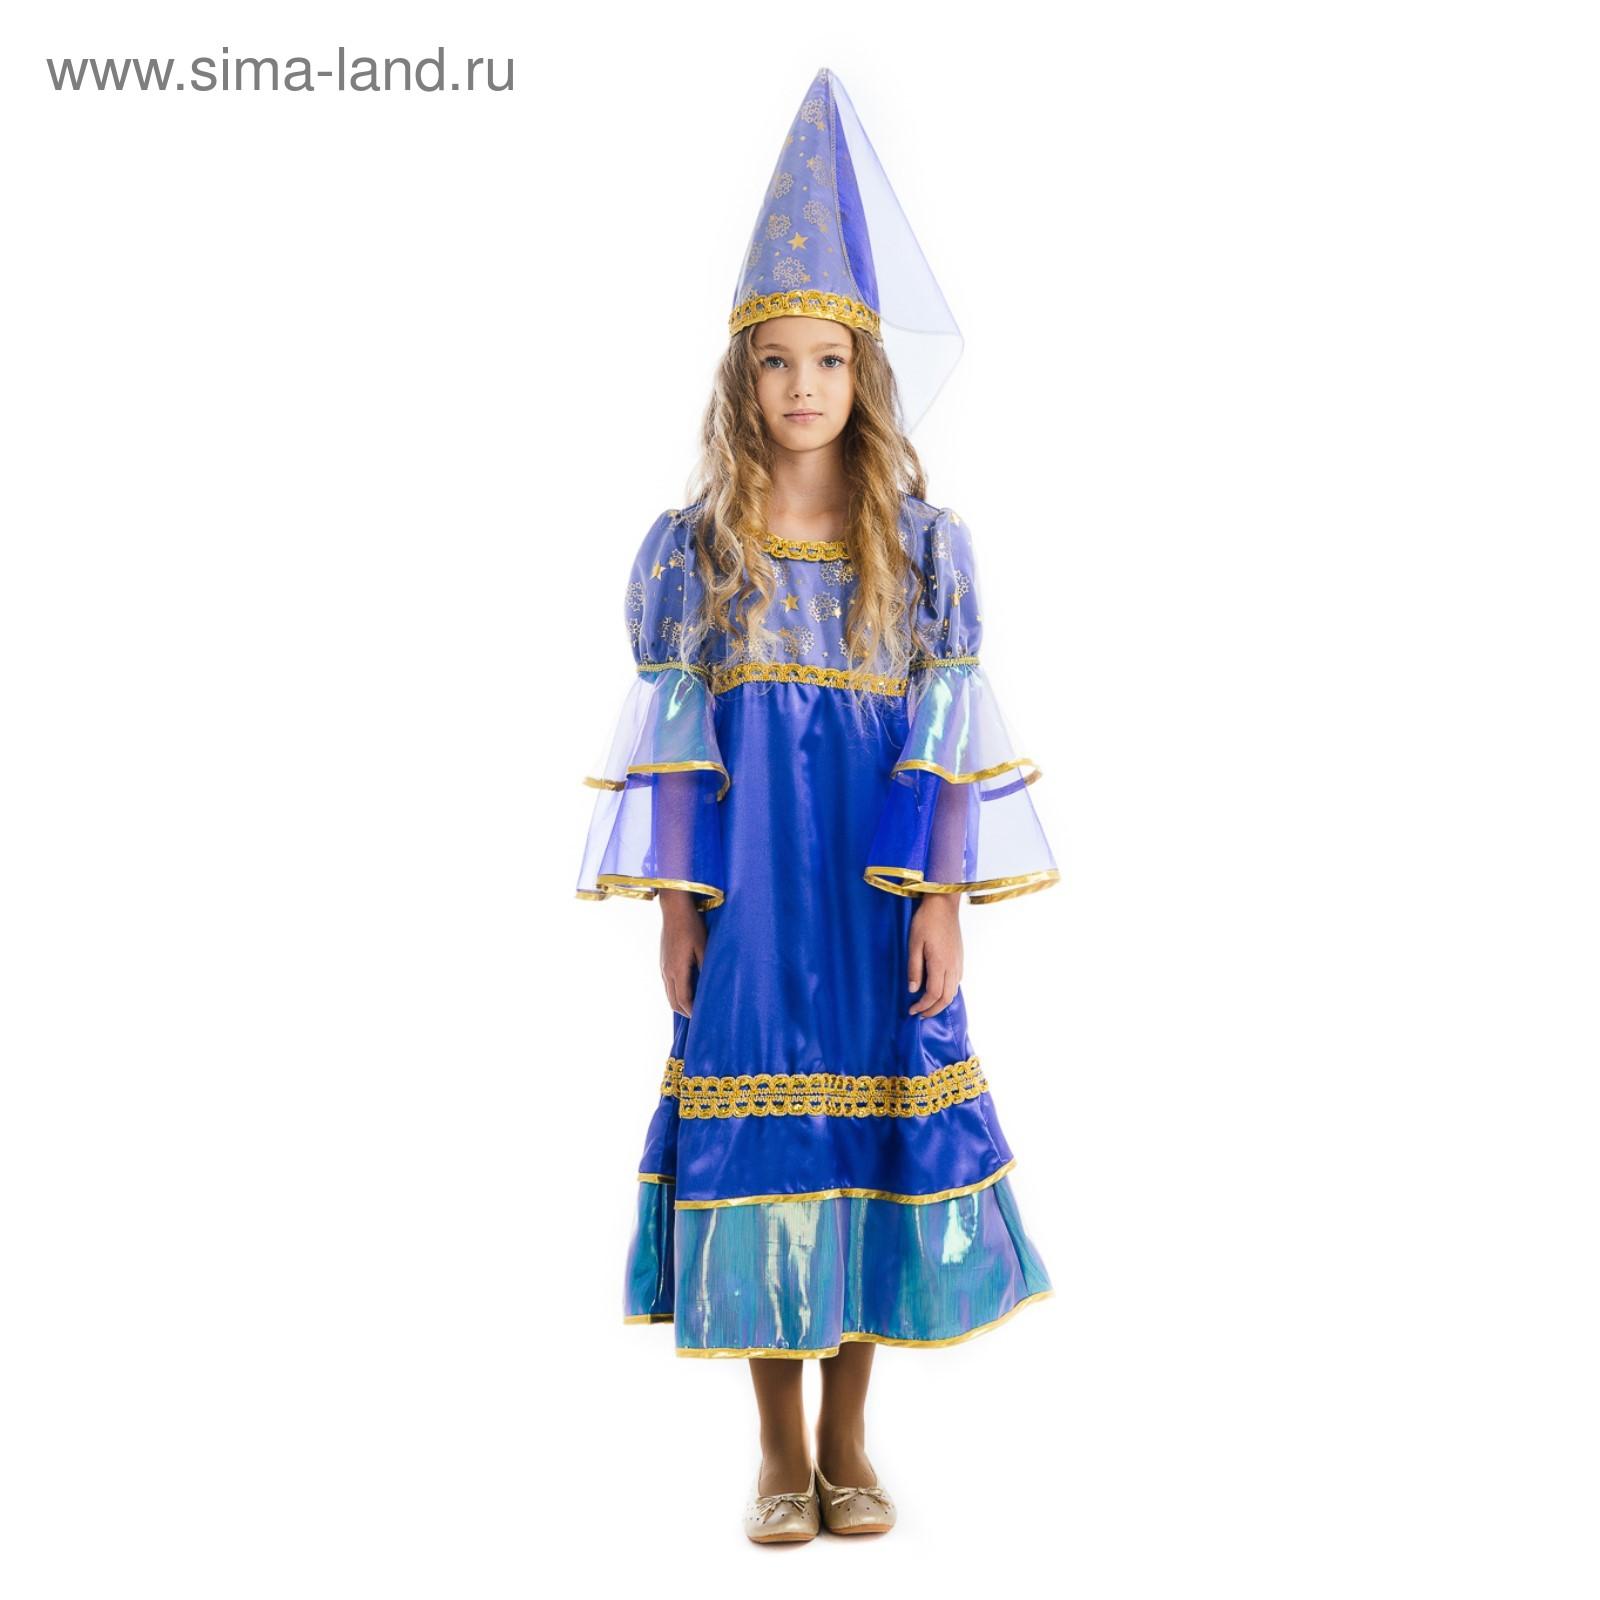 e789caaaa8b7fb Карнавальный костюм